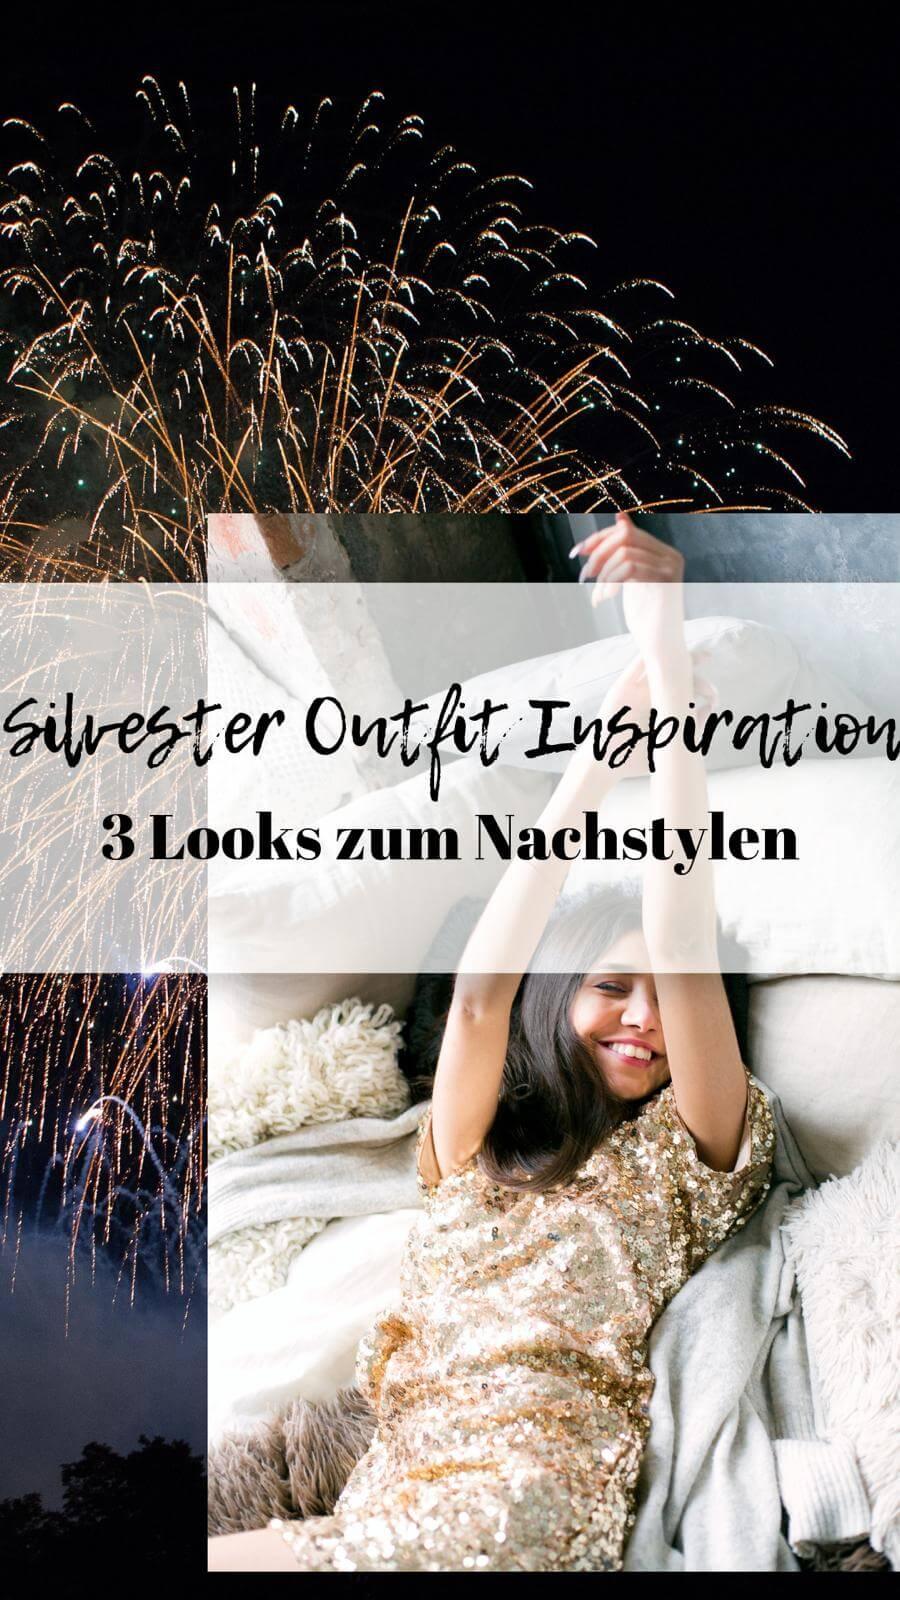 Silvester Outfit Inspiration- 3 Looks zum Nachstylen